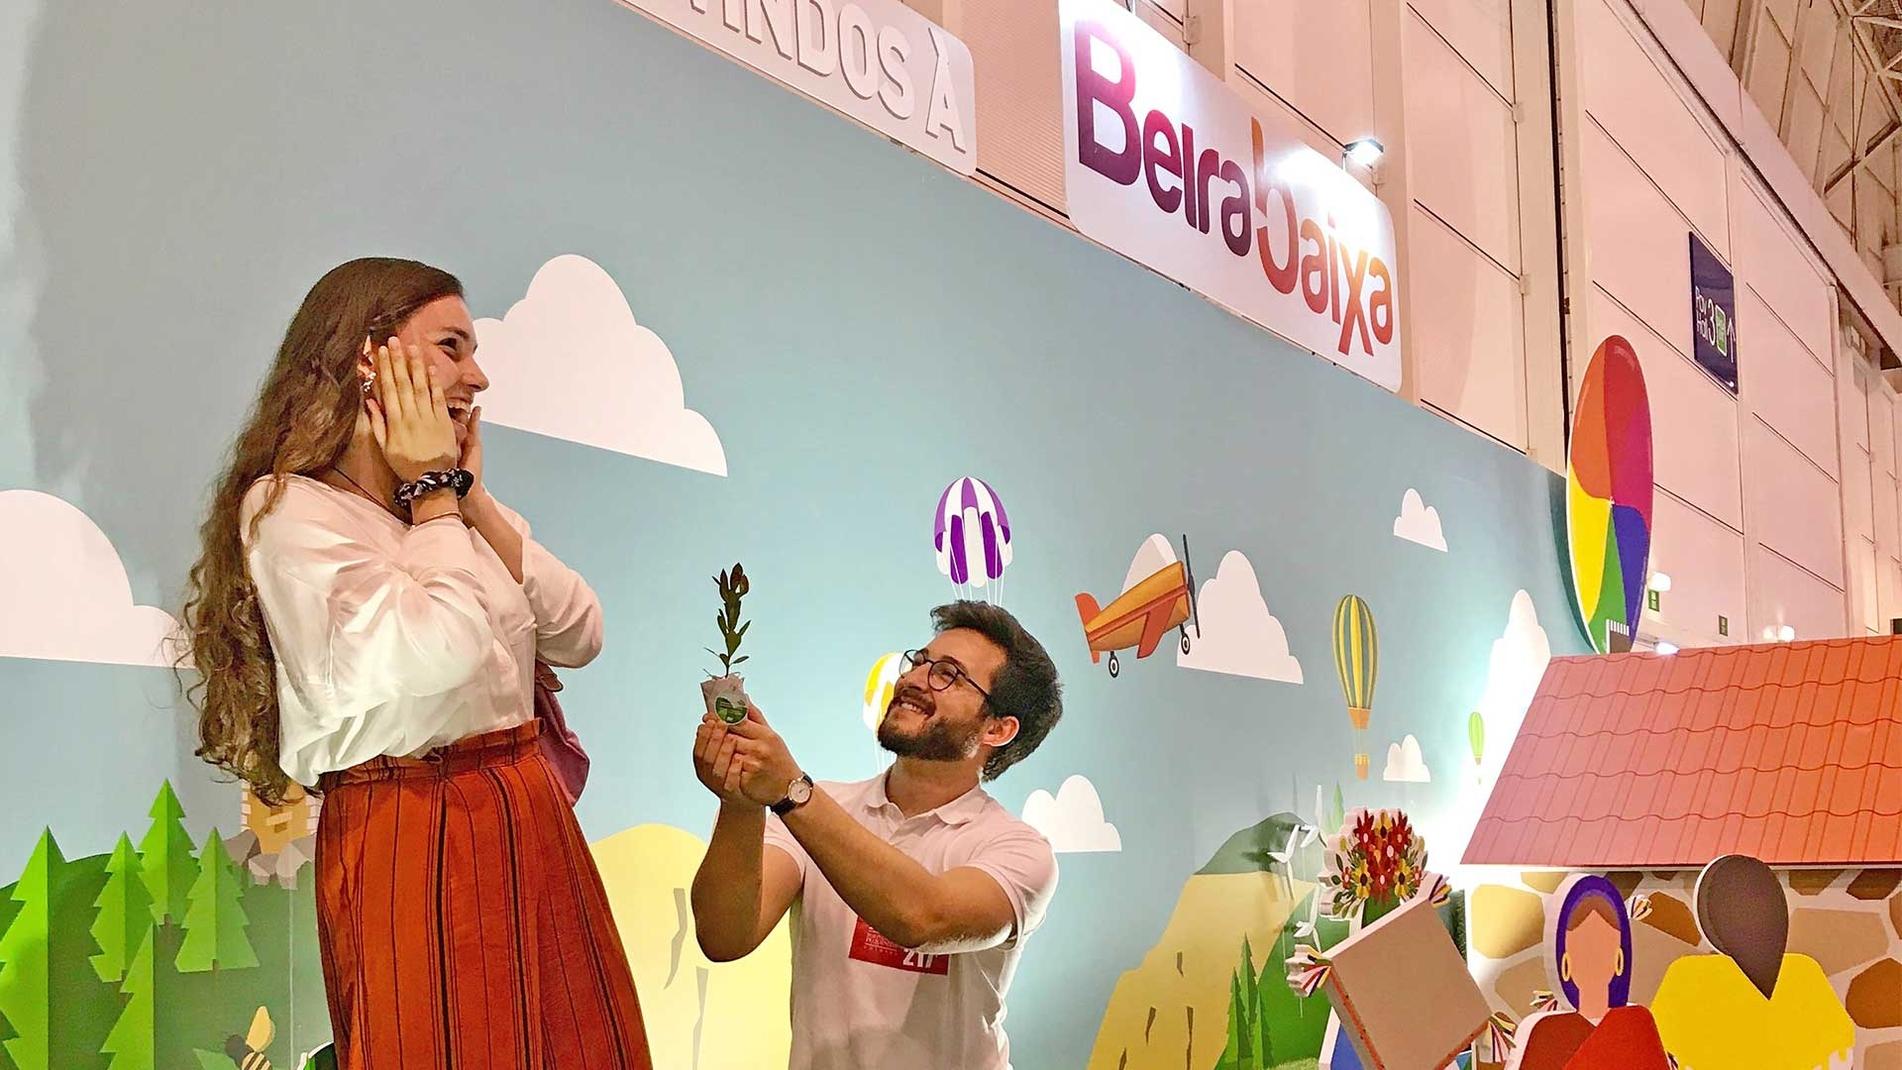 """BTL """"Bem-vindos à Beira-Baixa"""" - Lisboa'19"""